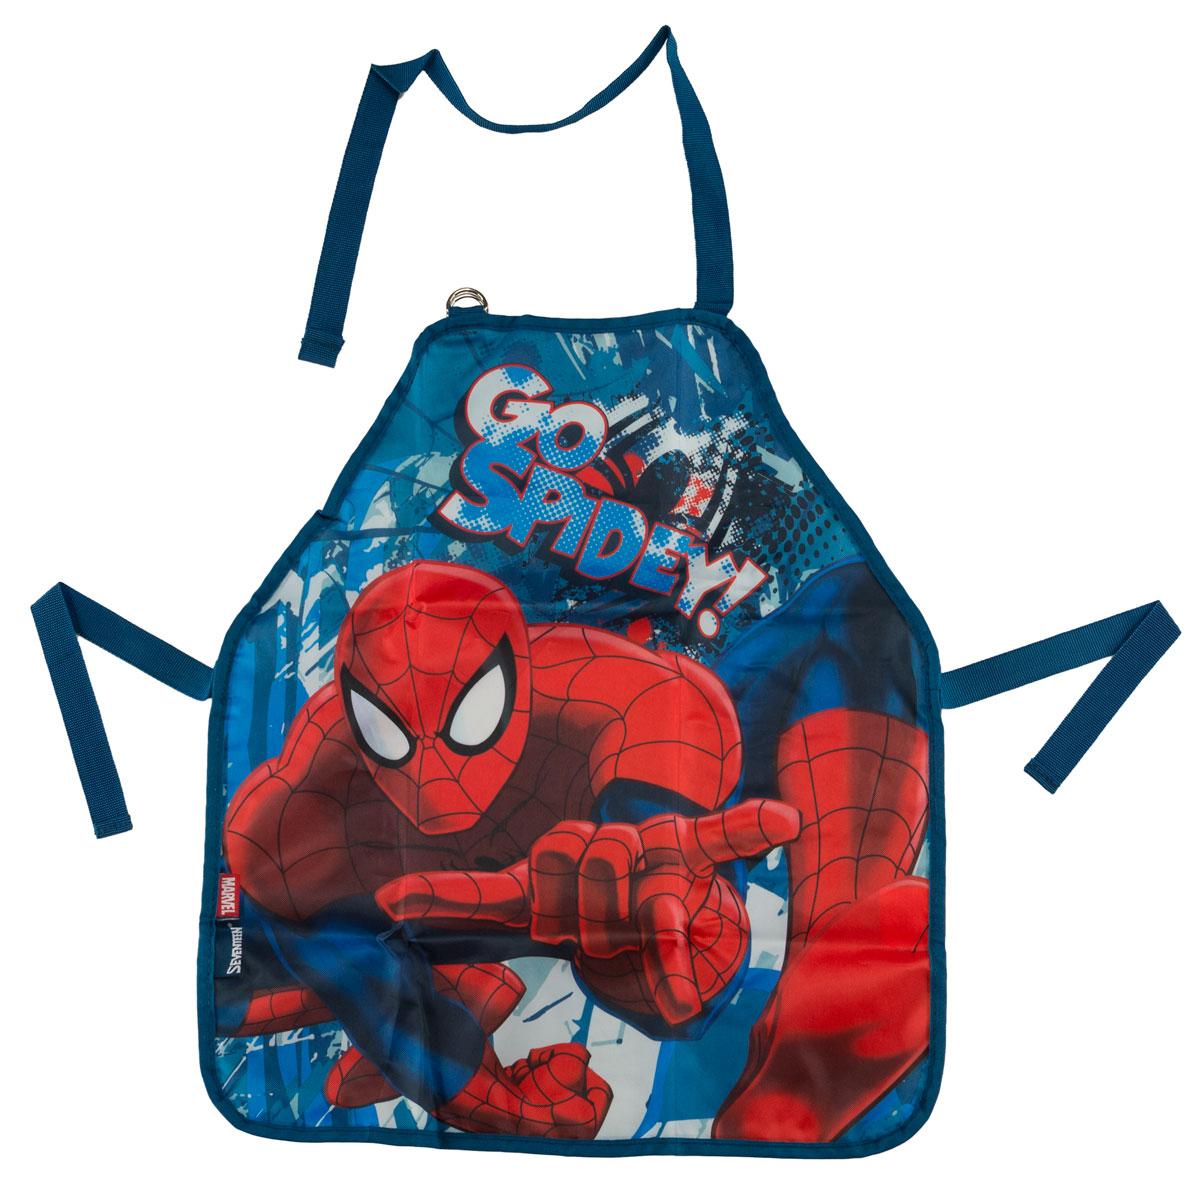 Фартук для детского творчества Spider-Man Classic, цвет: синий. SMCB-MT1-029MPLCB-MT1-029MФартук для детского творчества Spider-Man Classic поможет малышу не испачкаться во время домашних хлопот, на уроках труда или изобразительного искусства. Благодаря удобному покрою фартука, ребенок может его самостоятельно надевать и снимать. Лямка на шее регулируется по длине с помощью пряжки. Завязки позволяют зафиксировать фартук на талии. Изделие изготовлено из водонепроницаемого материала, легко стирается, поэтому изделие будет служить очень долго.